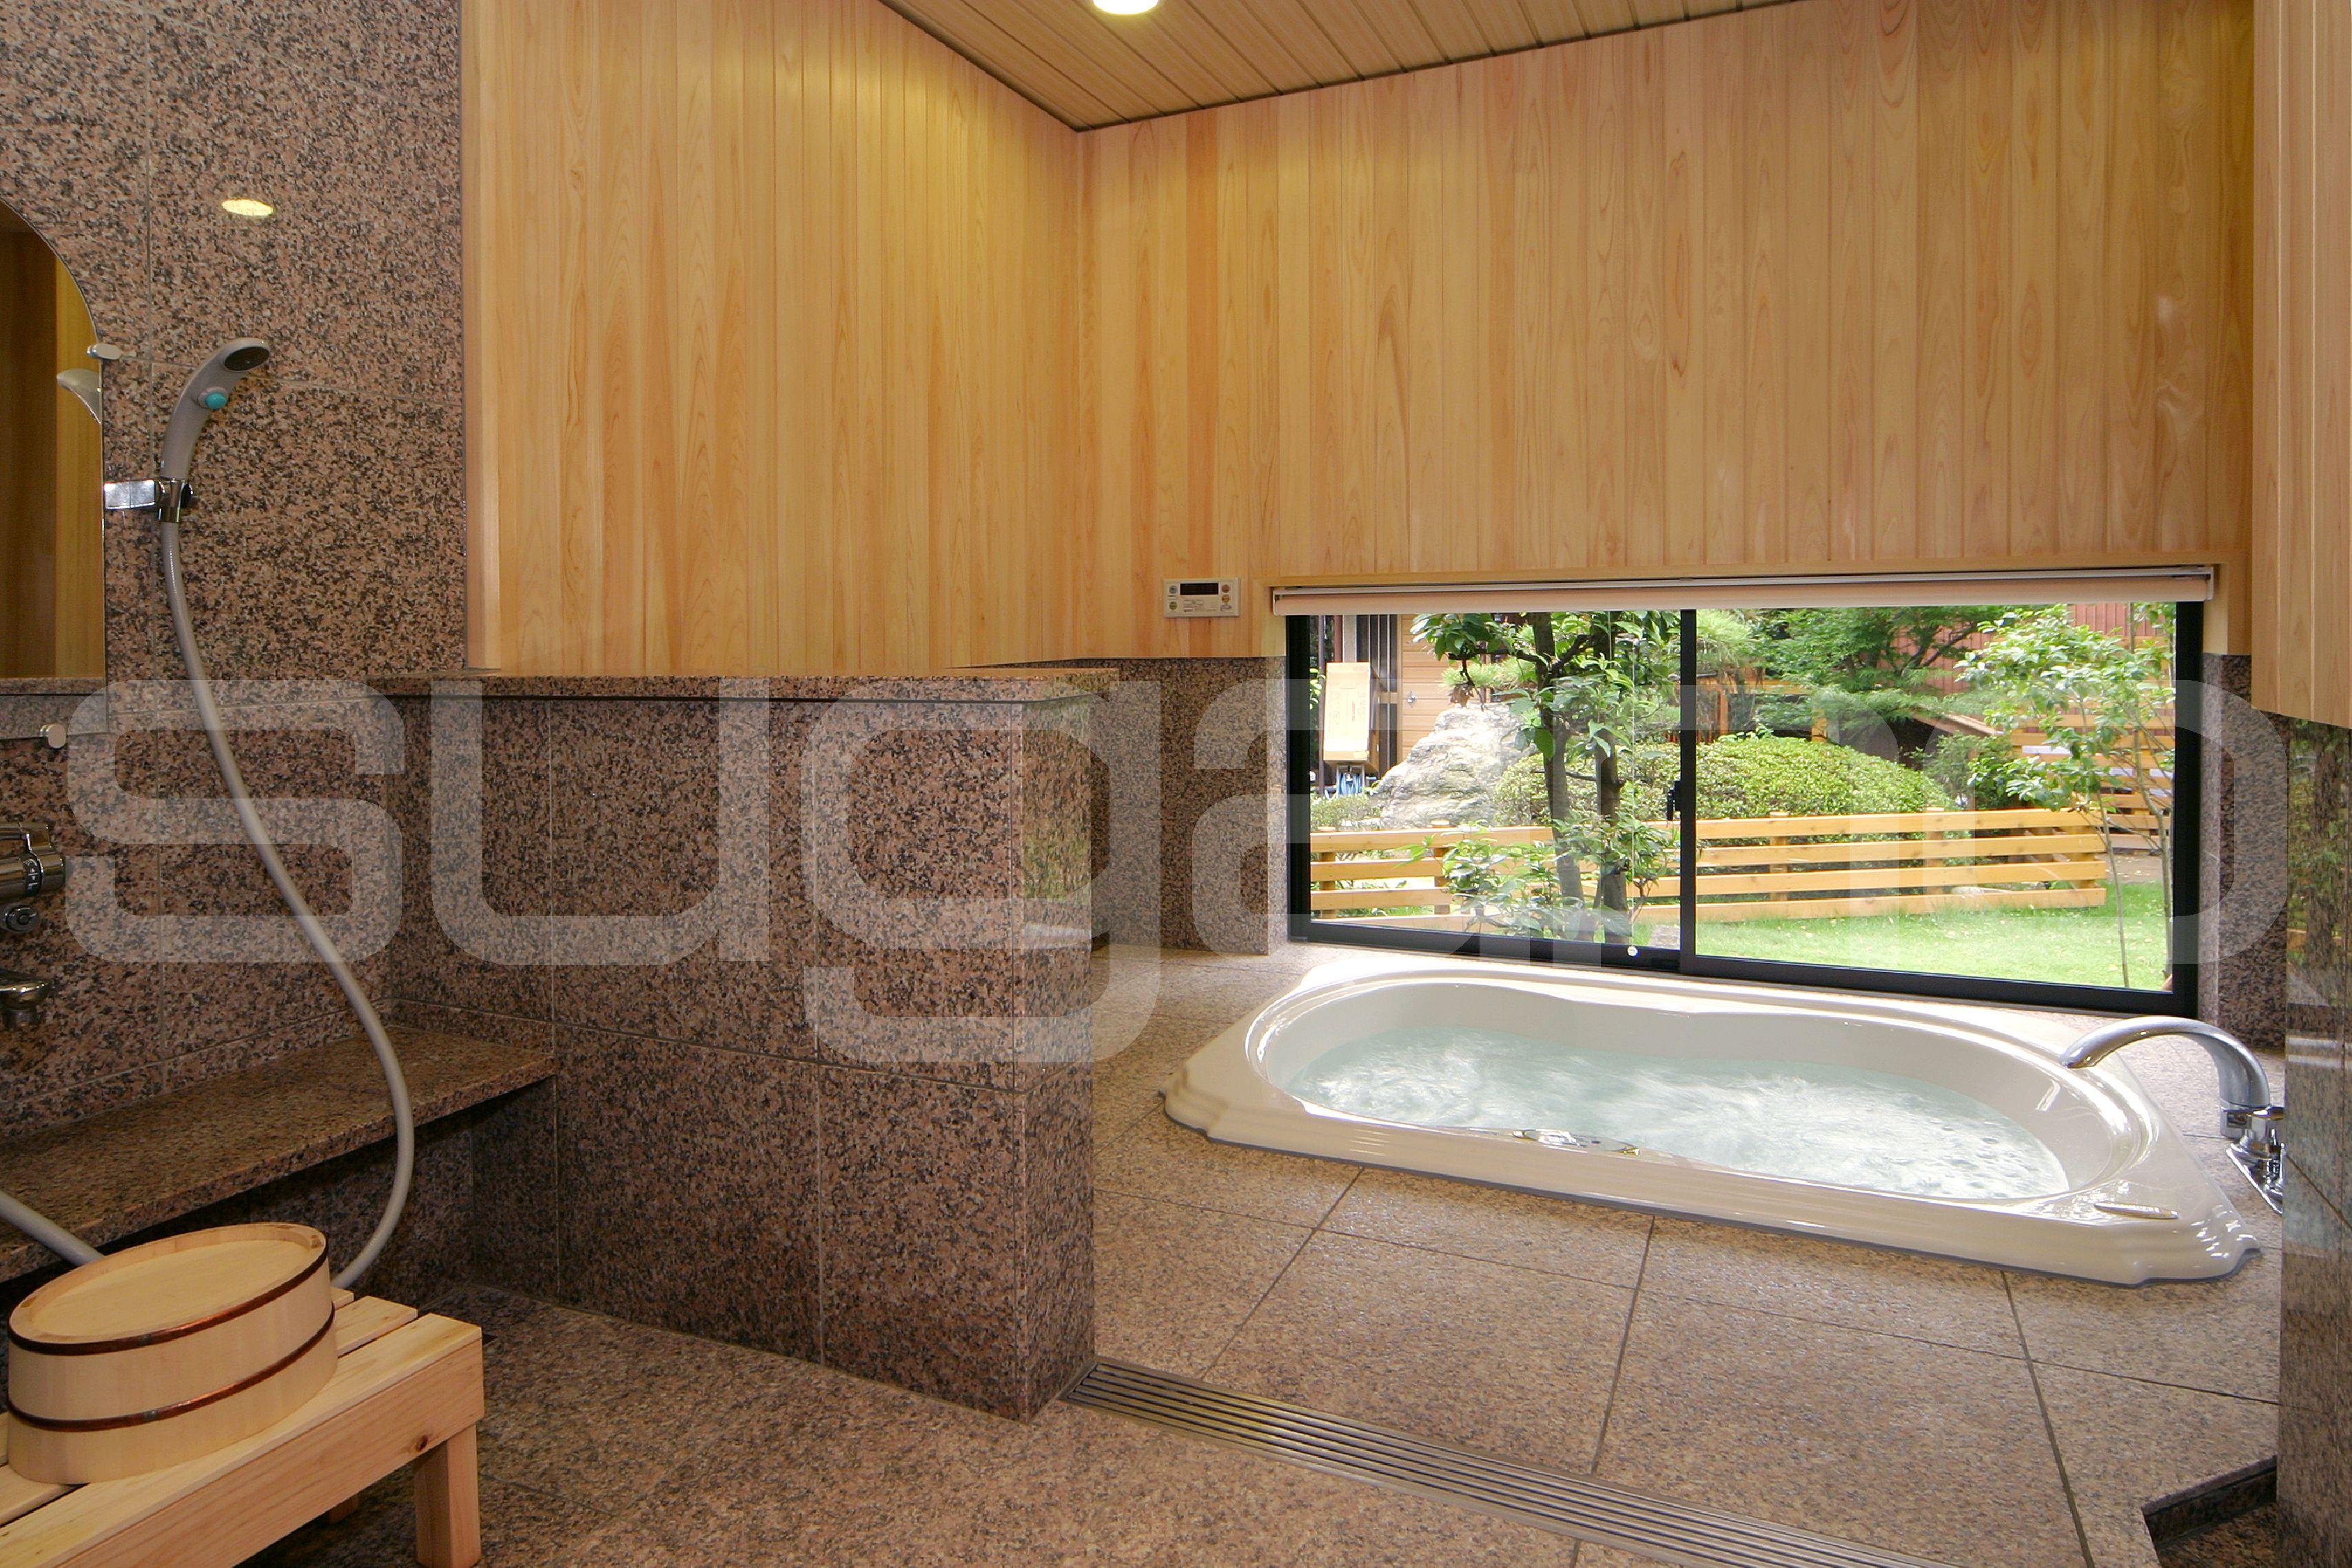 和風の浴室 桧の壁 地窓から眺める日本庭園 和風建築 和風住宅